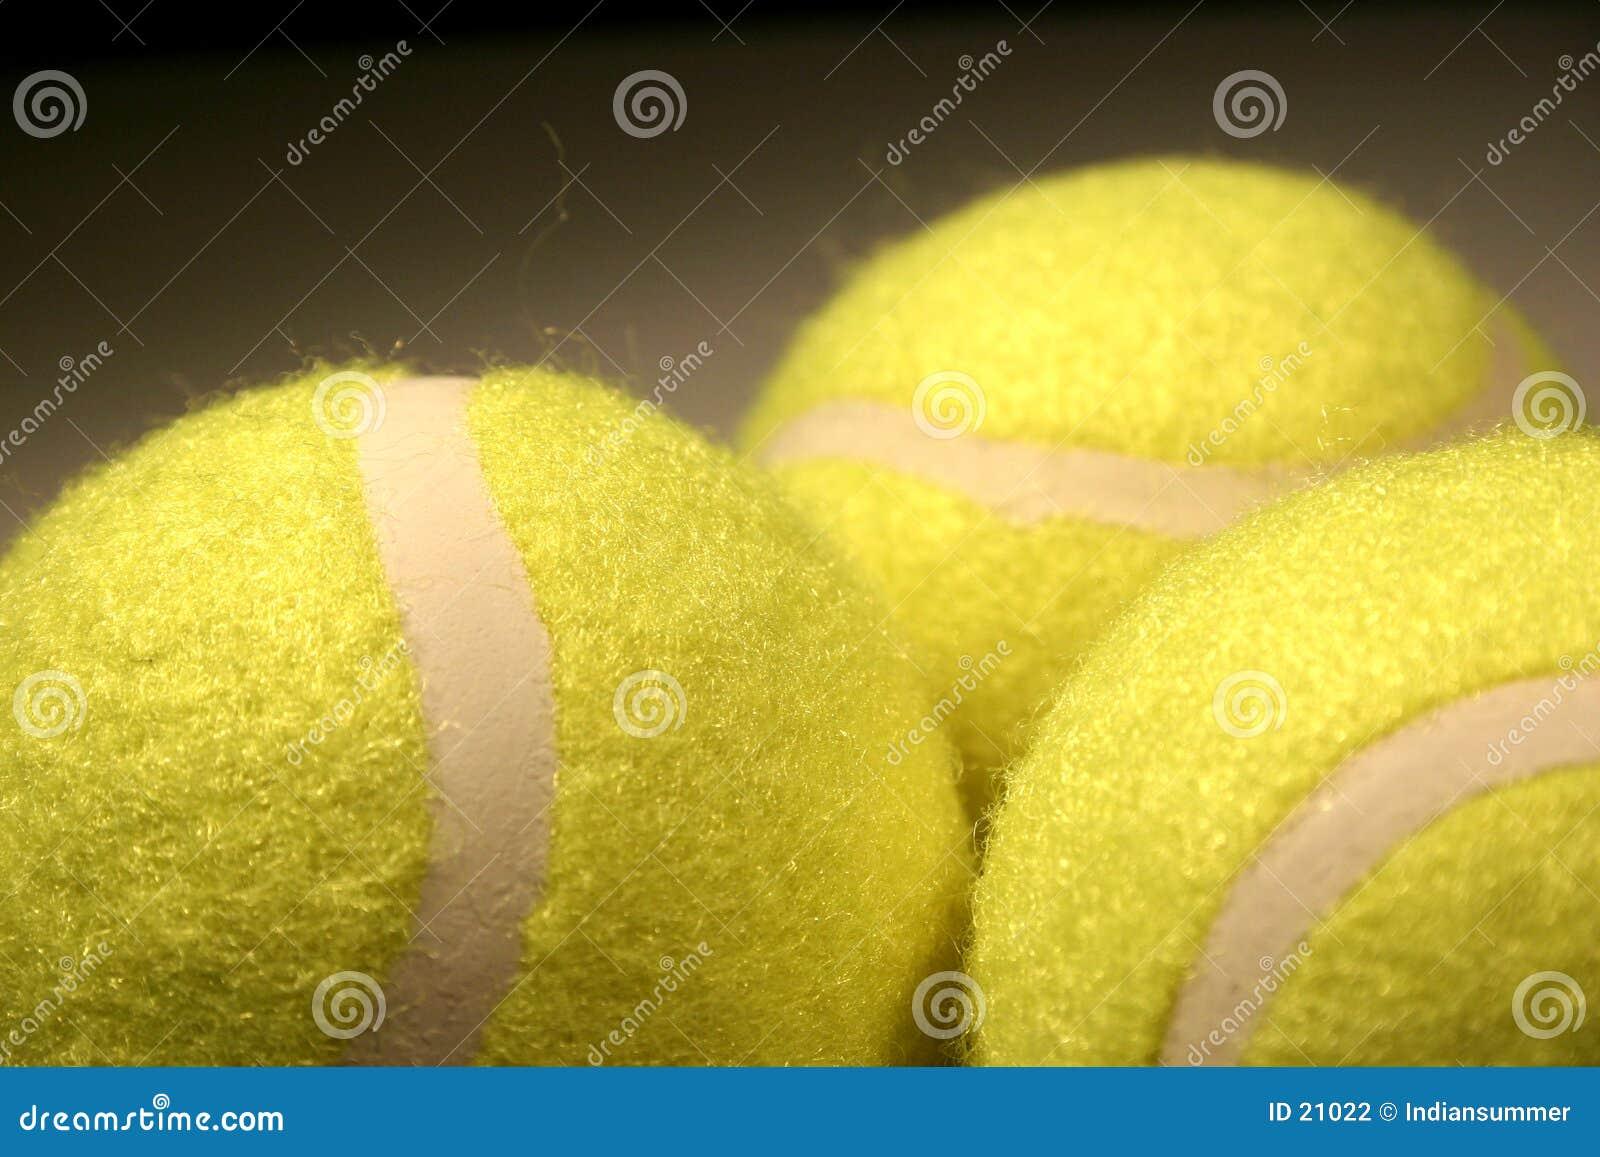 Three tennis-balls III